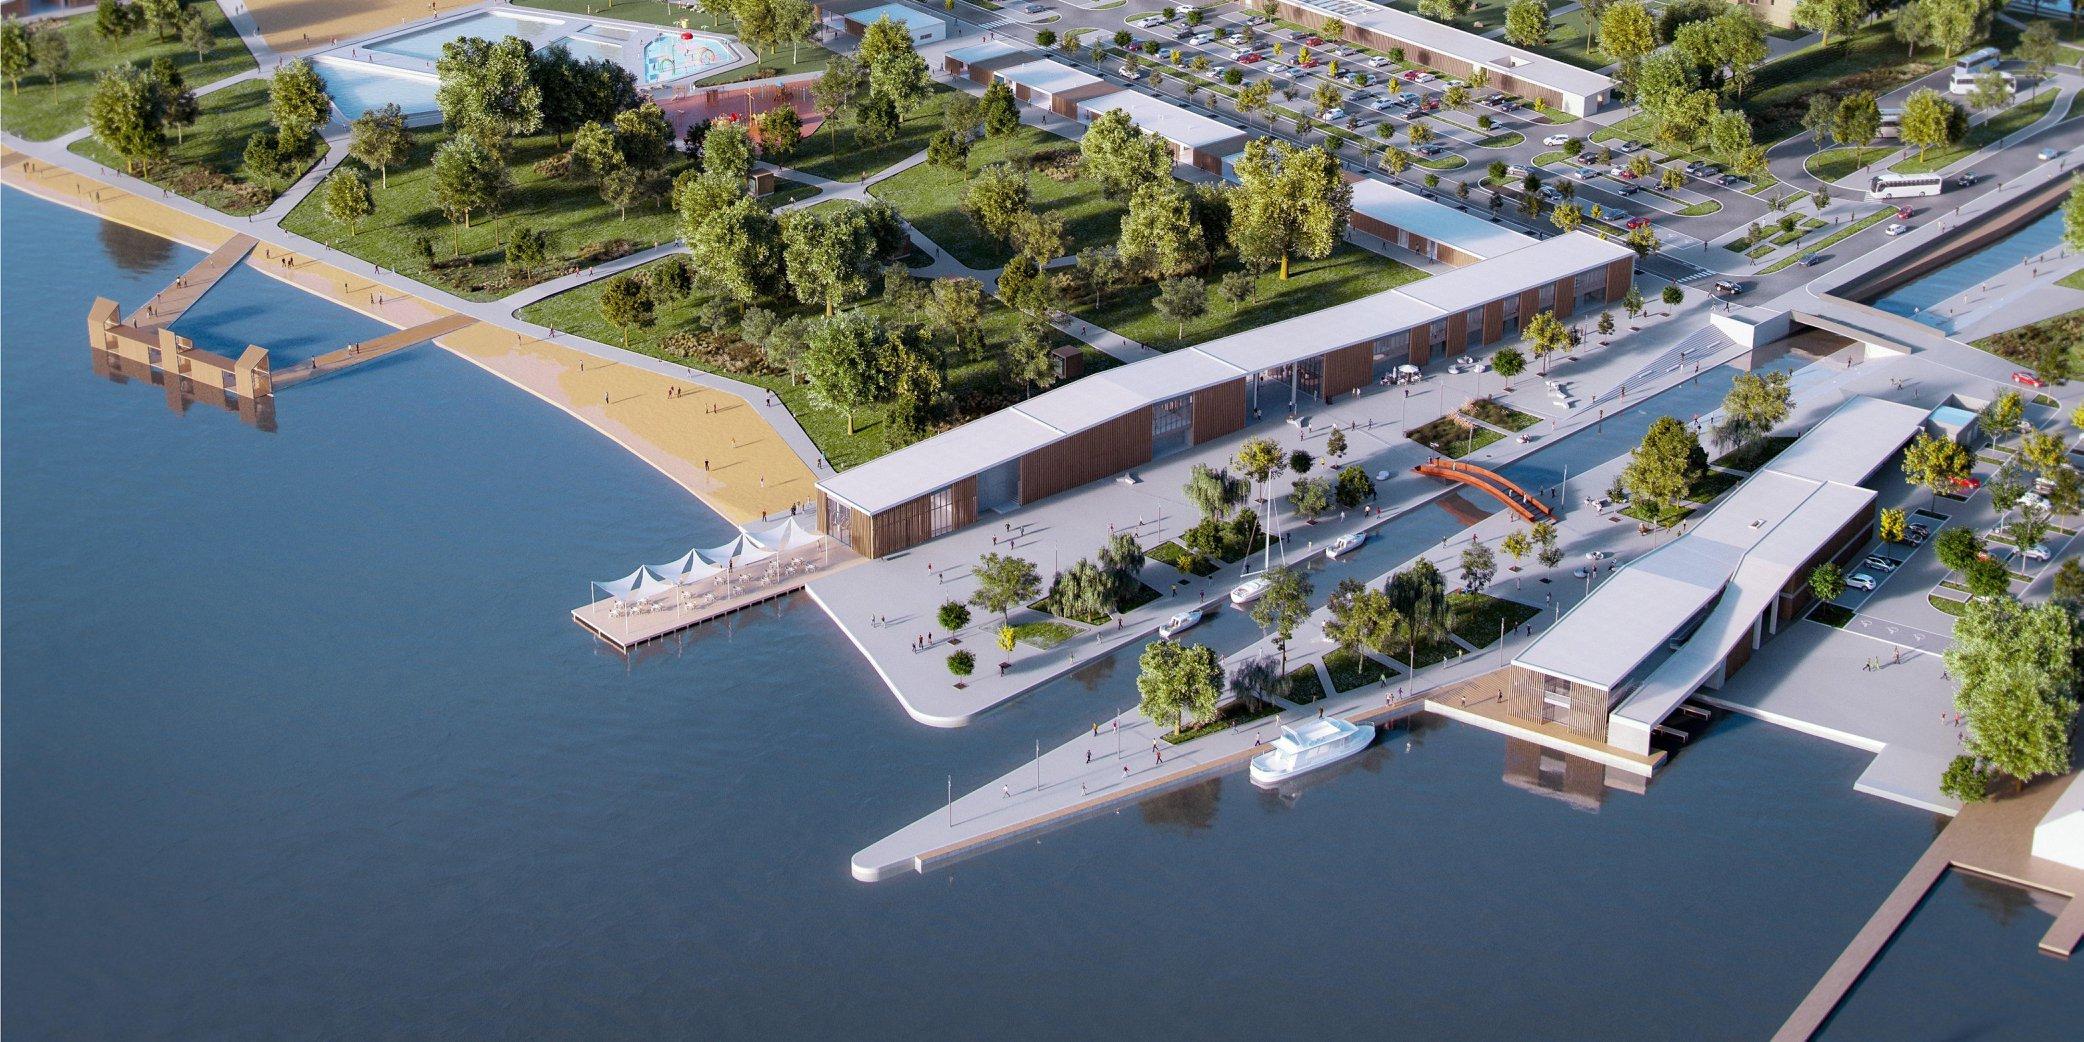 UNESCO fordert Baustopp beim Neusiedler-See - Bauträger dementieren Vorwürfe